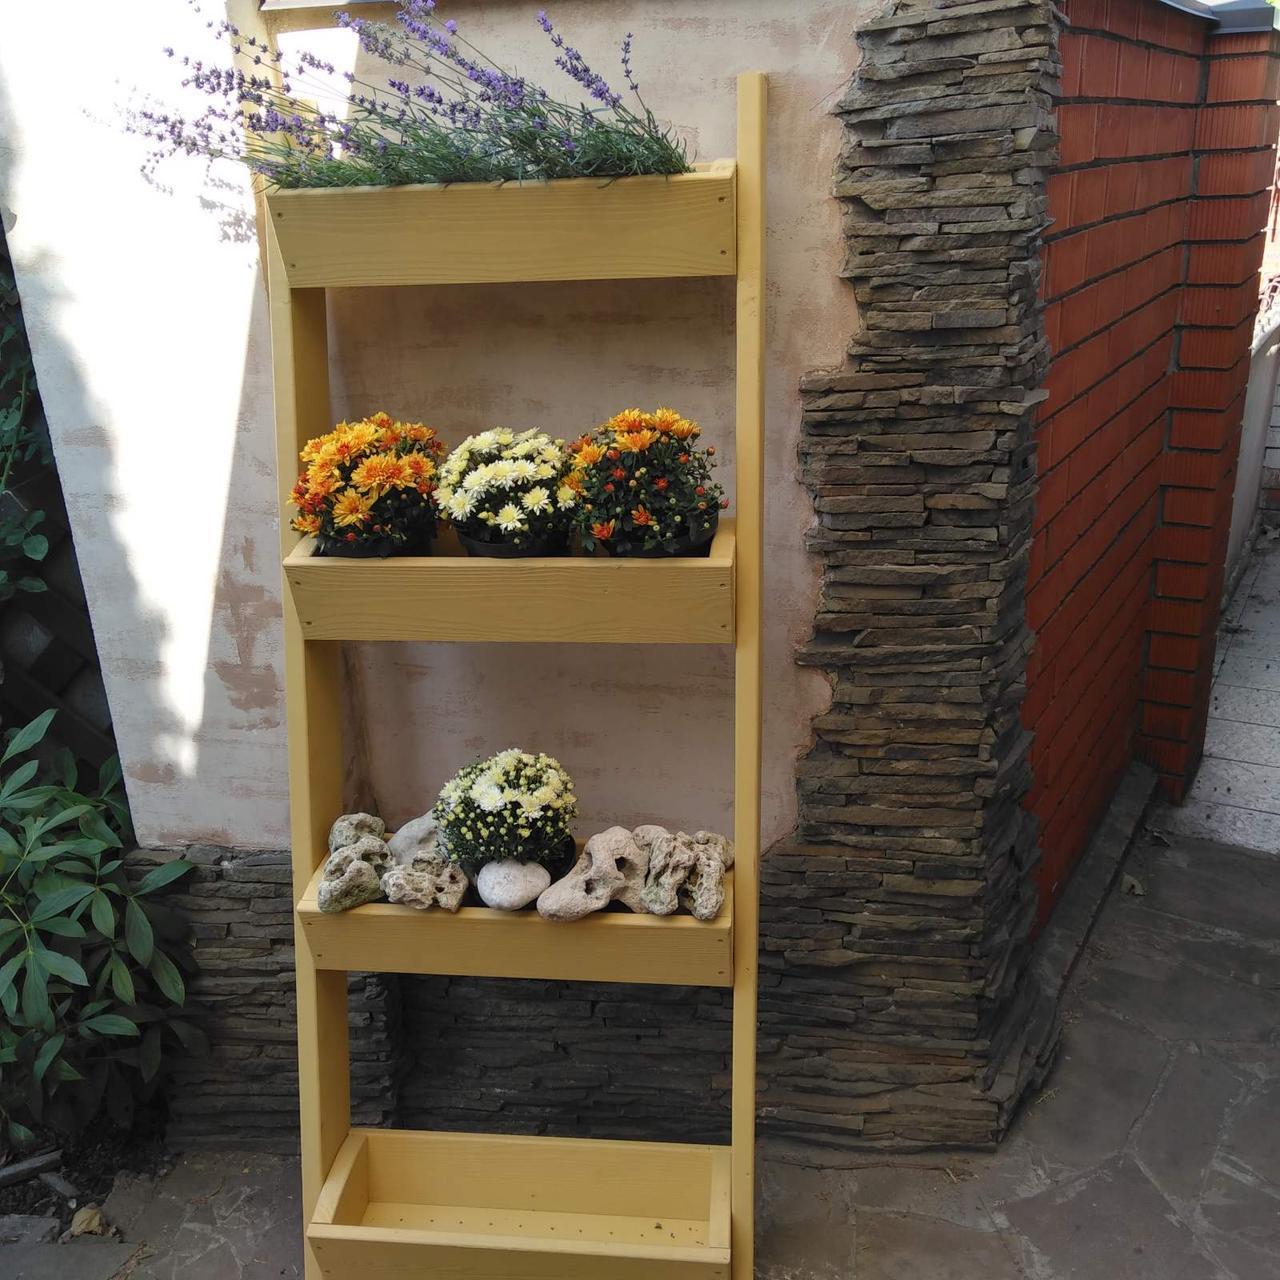 Подарок-сувенир - ручная работа из дерева